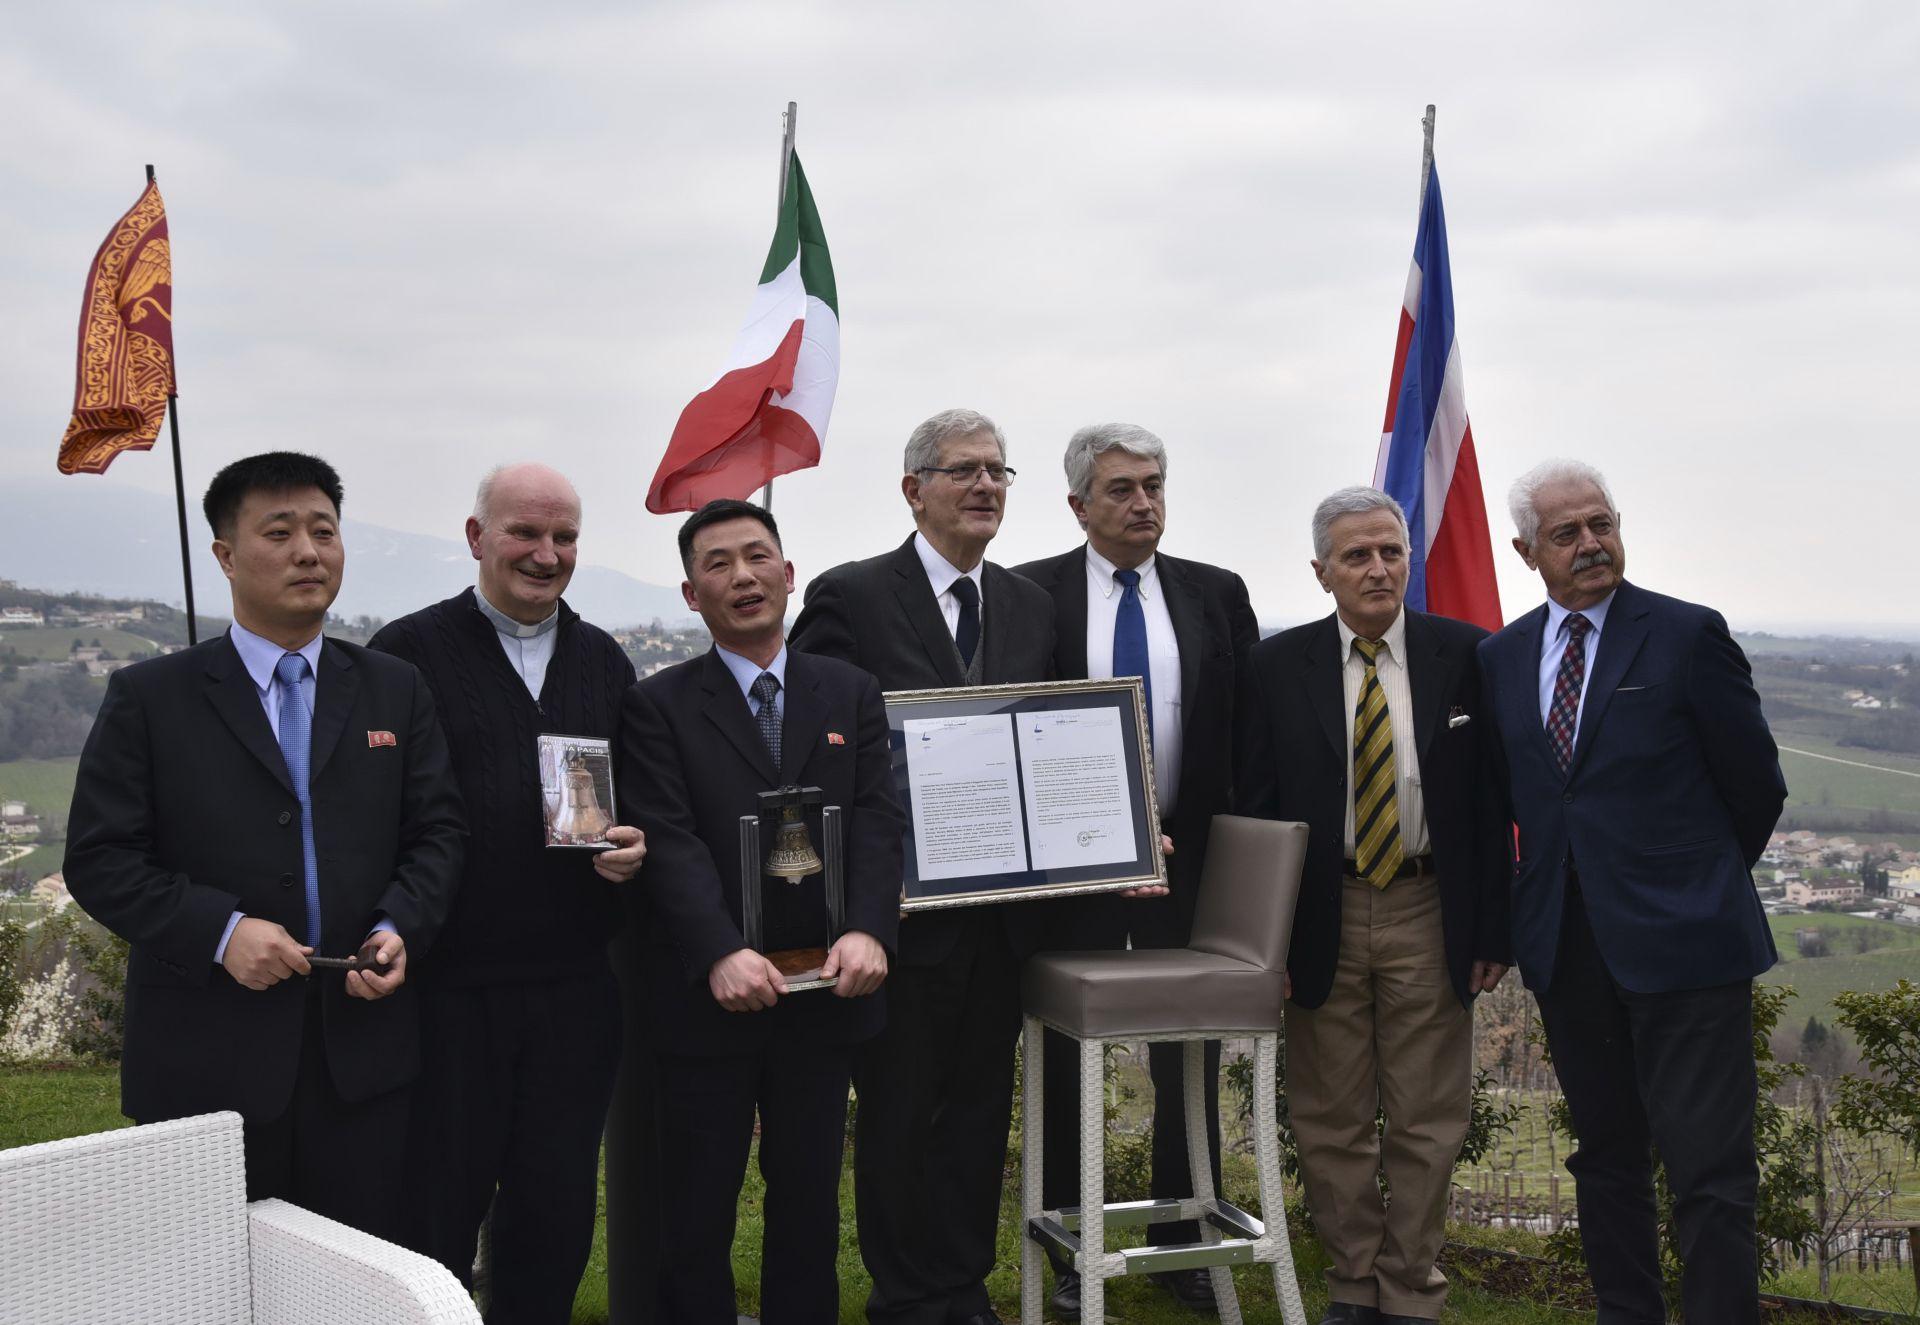 """Джо Сон-гил (в средата) държи """"Камбаната на мира от Роверето"""" по време на посещение на севернокорейска делегация в провинция Венето, в Сан Пиетро ди Фелето, близо до Тревизо, Северна Италия, 20 март 2018 г."""